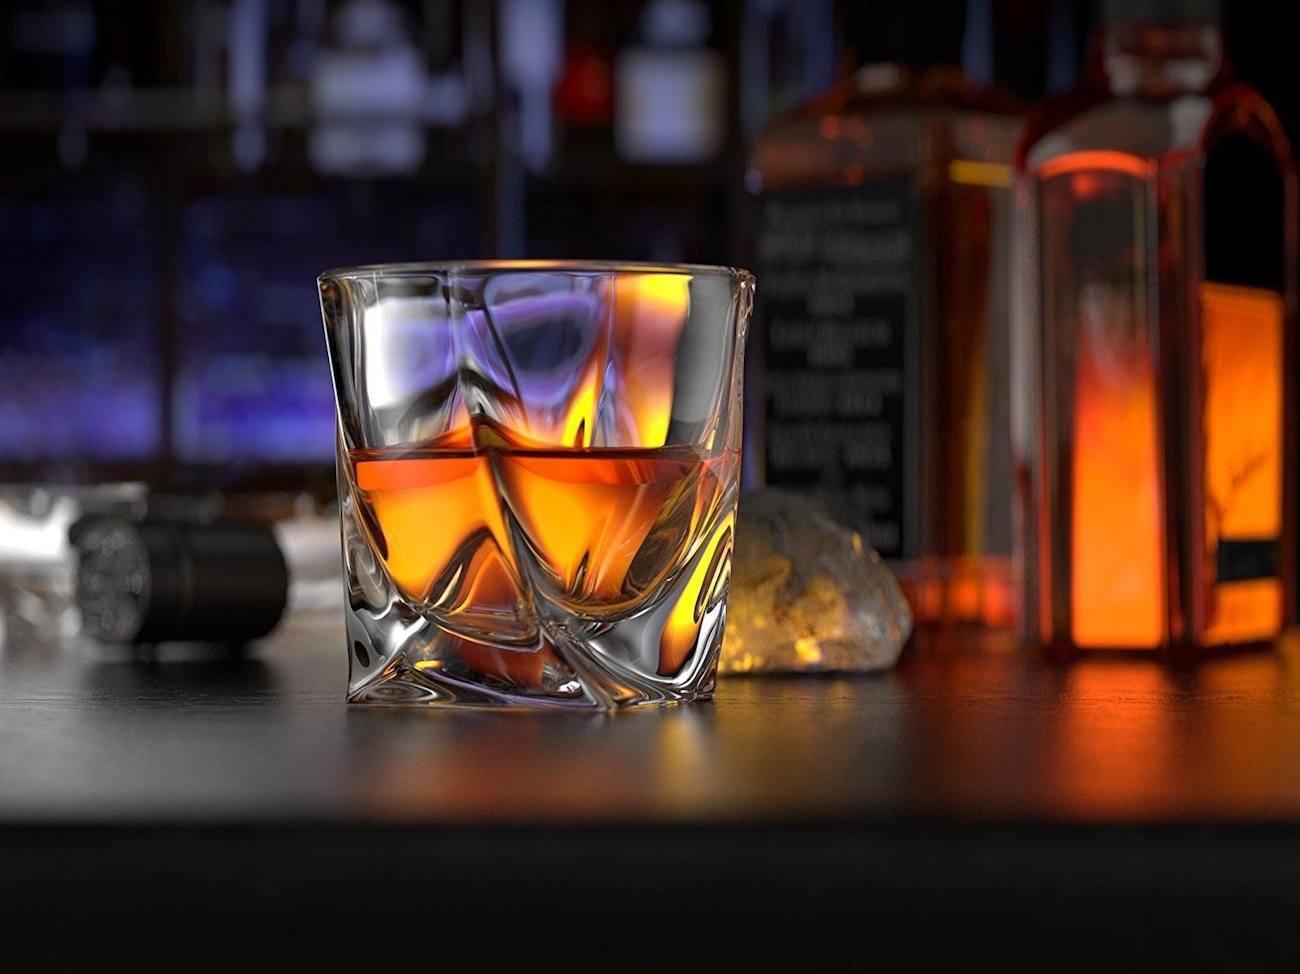 ashcroft twist whiskey glass set - Whiskey Glass Set